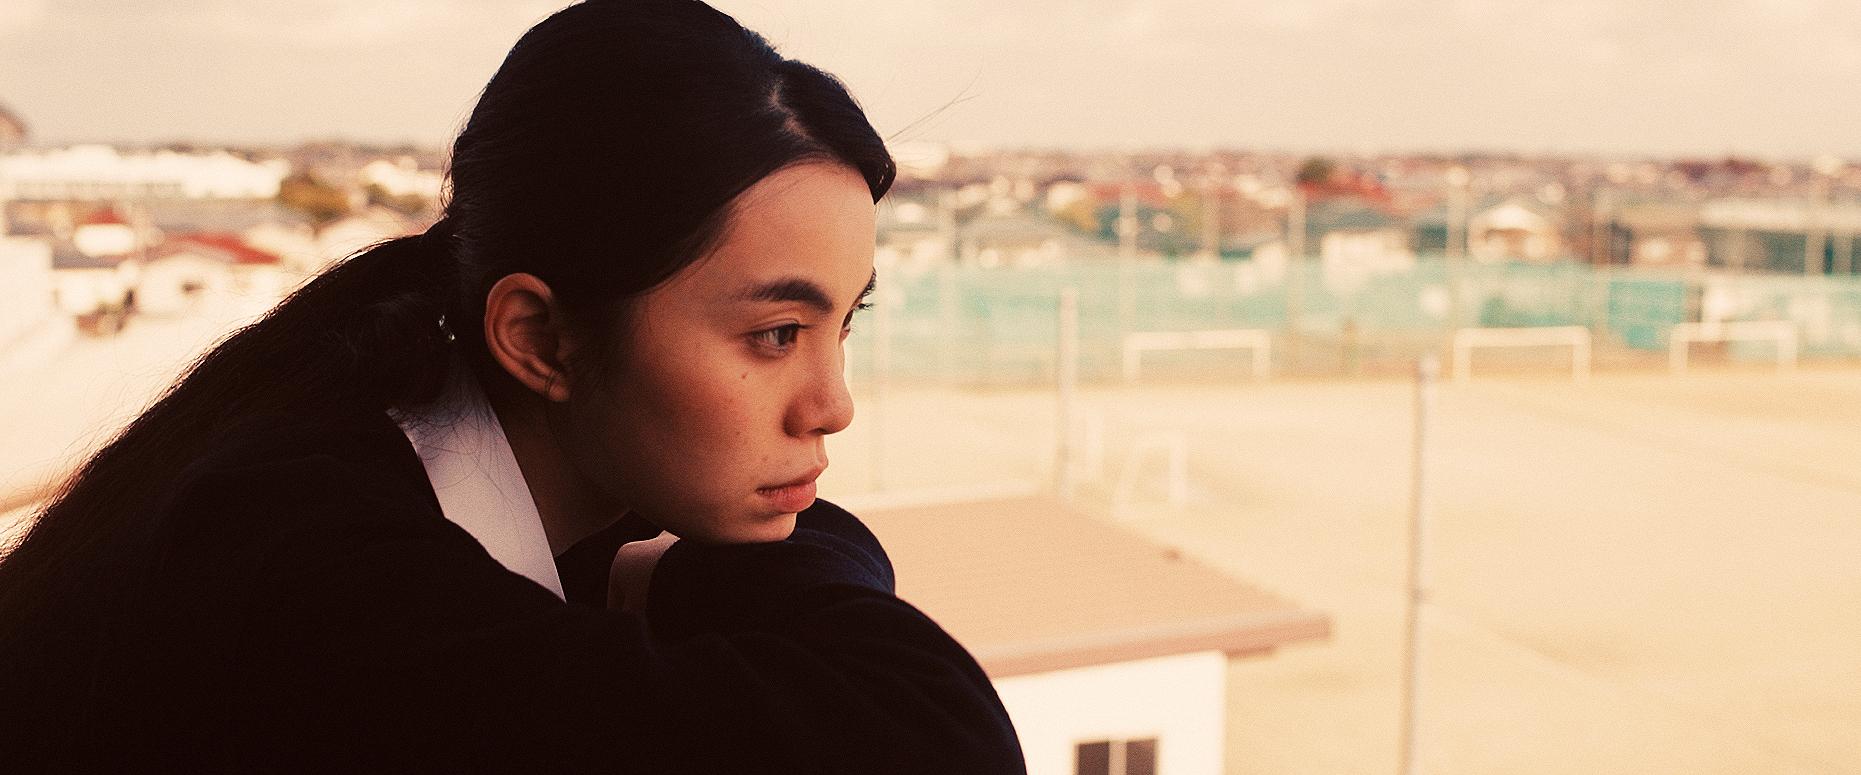 東京へ行ってしまった娘 彩香が新潟に思いを馳せる1シーン  Ayaka, the daughter reminiscing Niigata from Tokyo